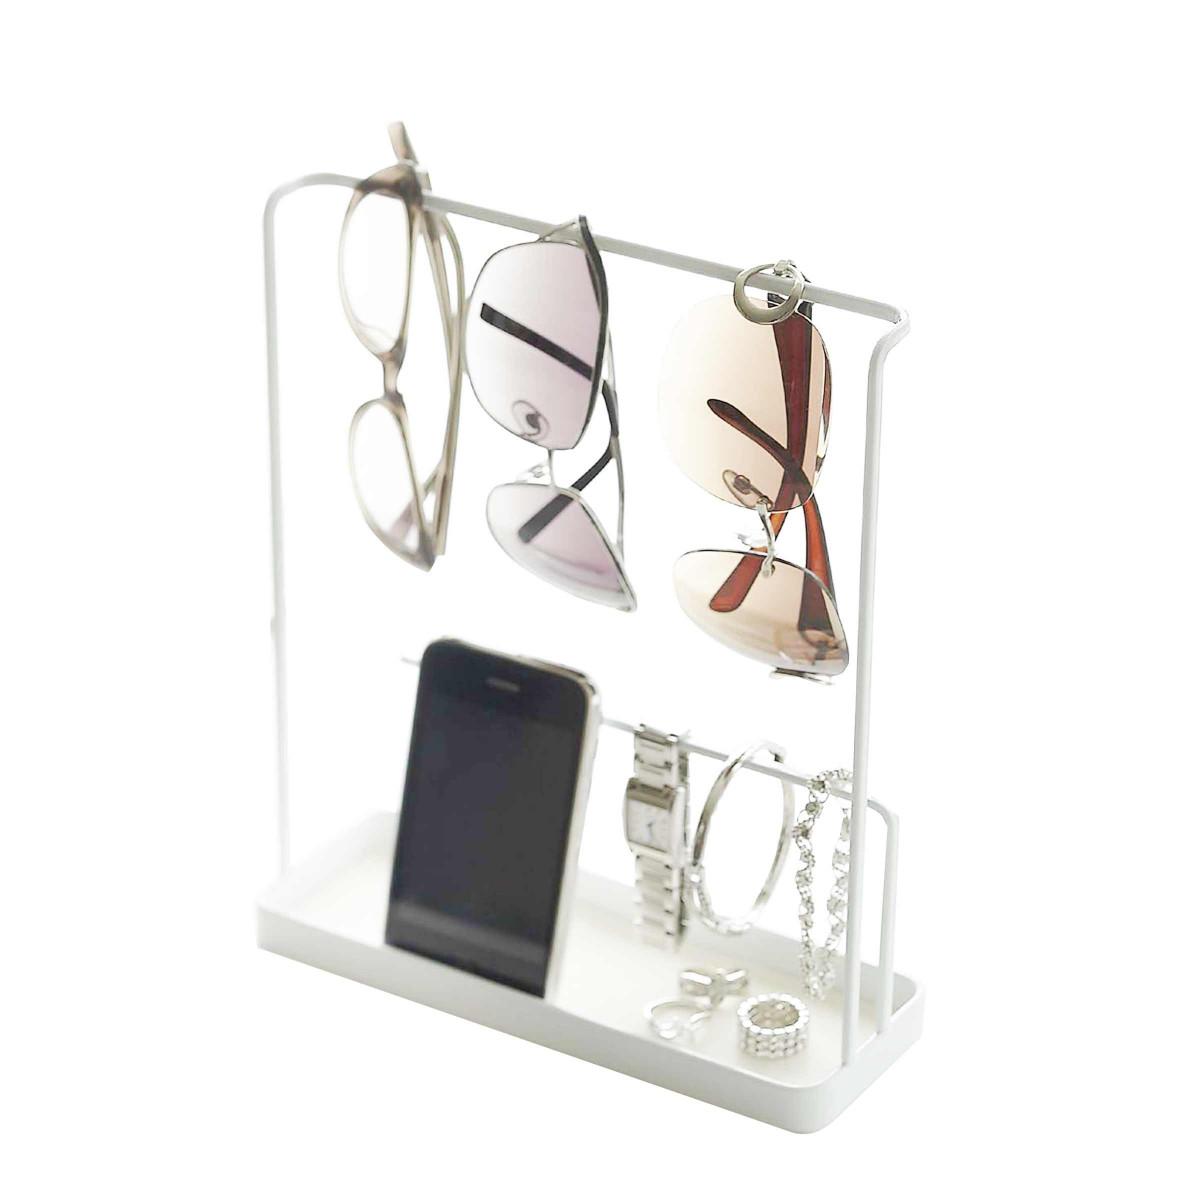 vide poche design m tal blanc rangement entr e. Black Bedroom Furniture Sets. Home Design Ideas